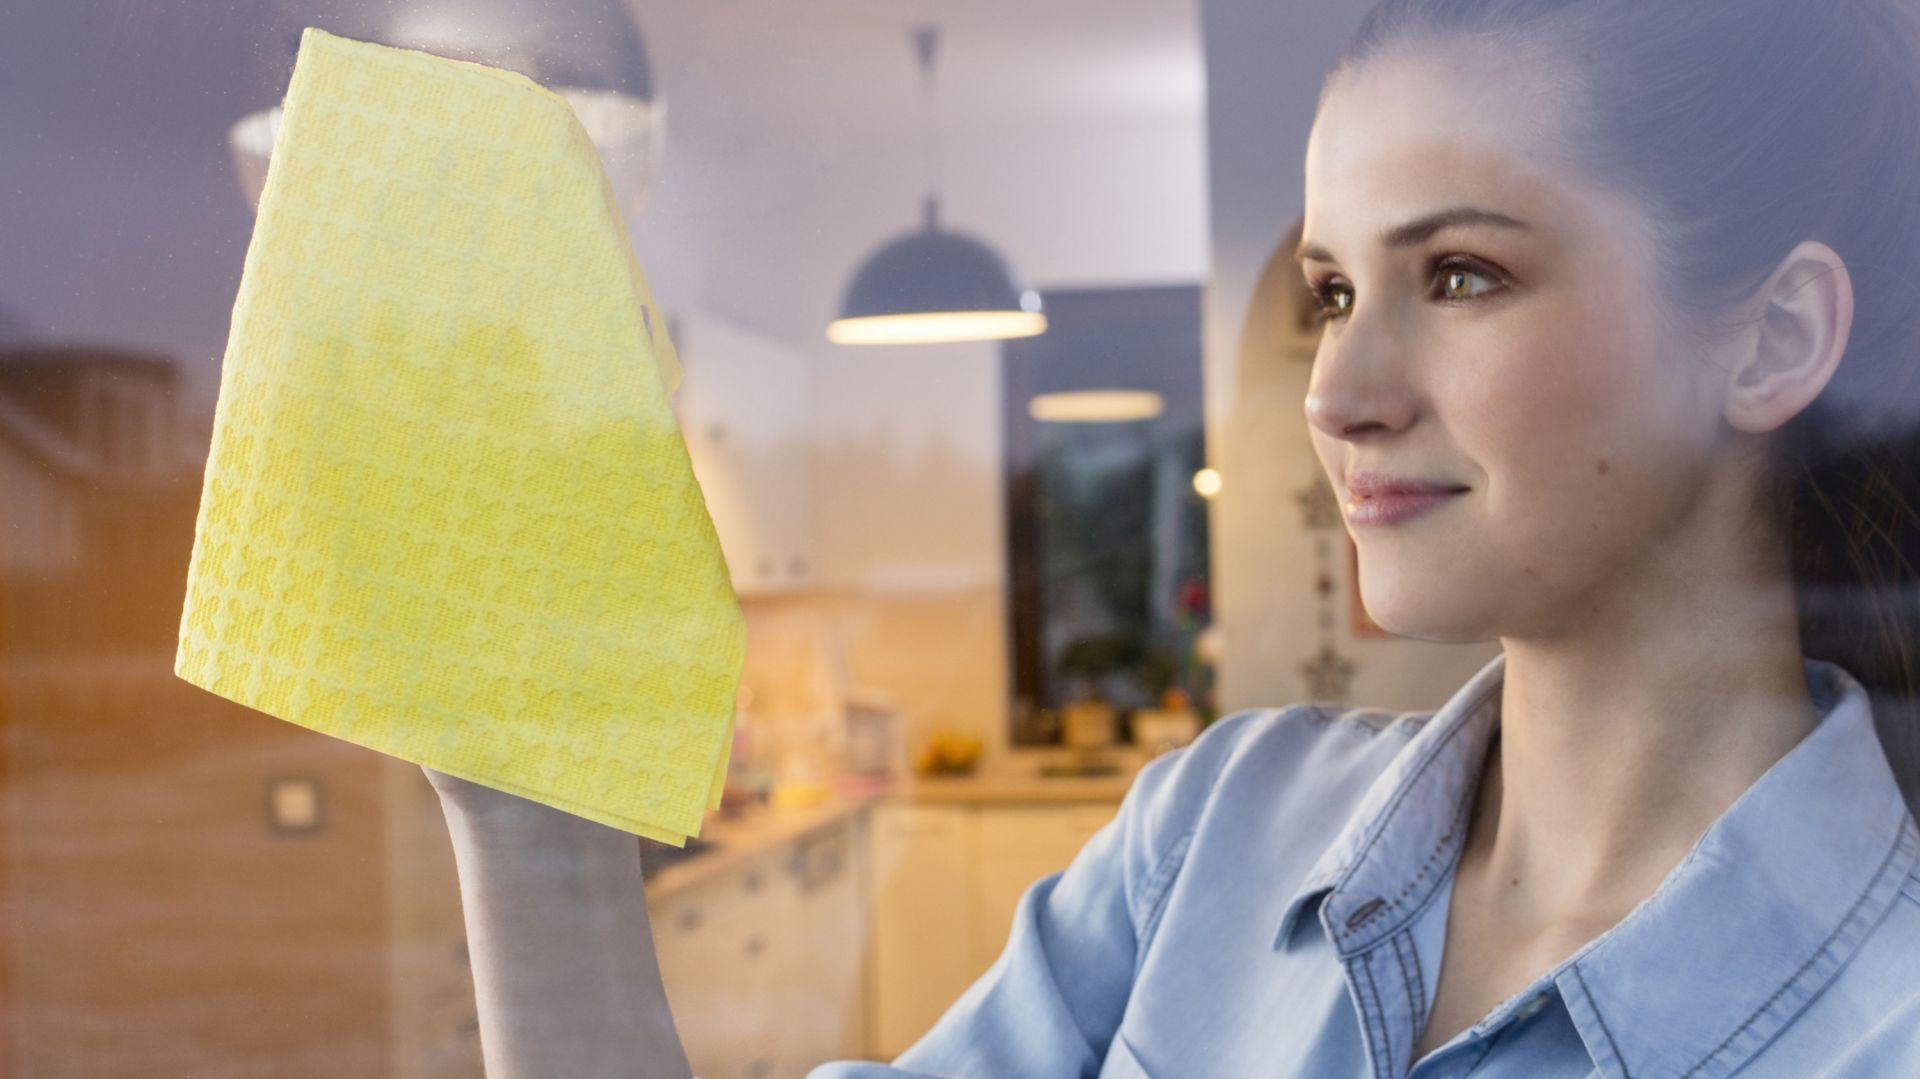 Jeśli wolisz bardziej tradycyjne metody, możesz użyć ściereczki z mikorfibry z unikalną warstwą PVA, np. Acifibre Window. Fot. Ściereczka okienna Actifibre Window marki Vileda